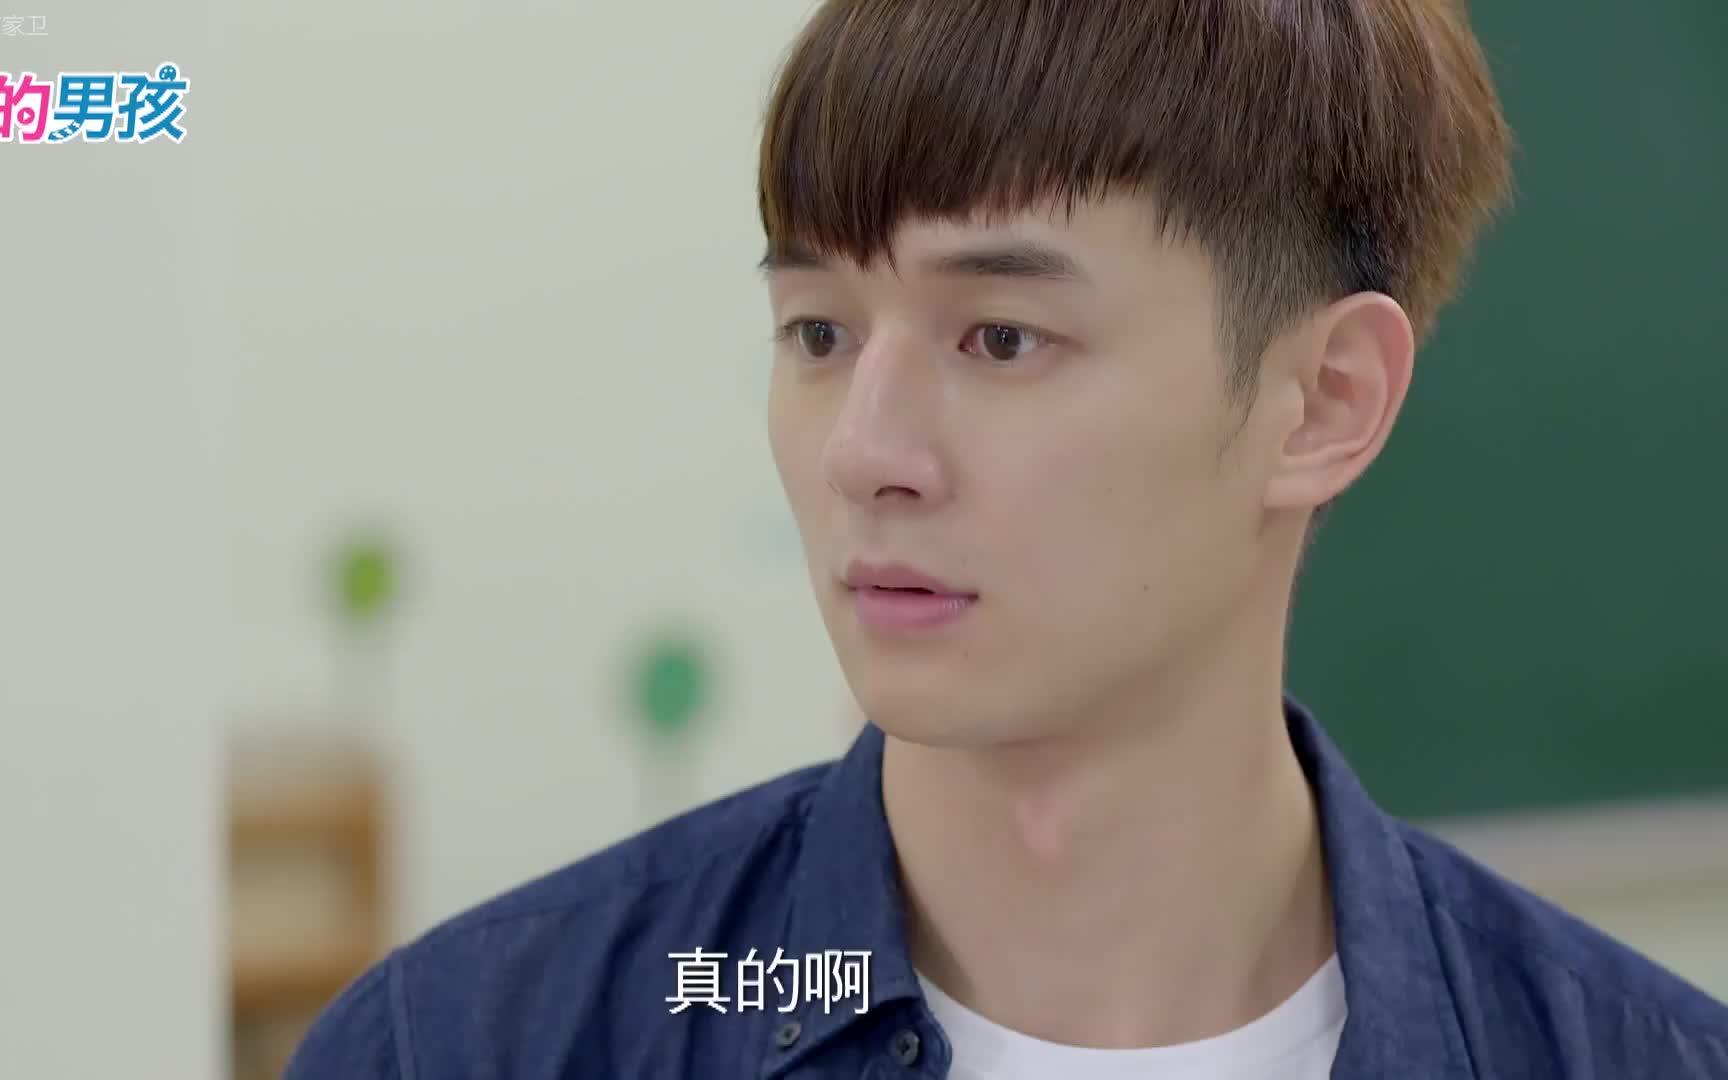 【我的男孩】06 张轩睿-安妈要和安爸离婚cut(1080p)